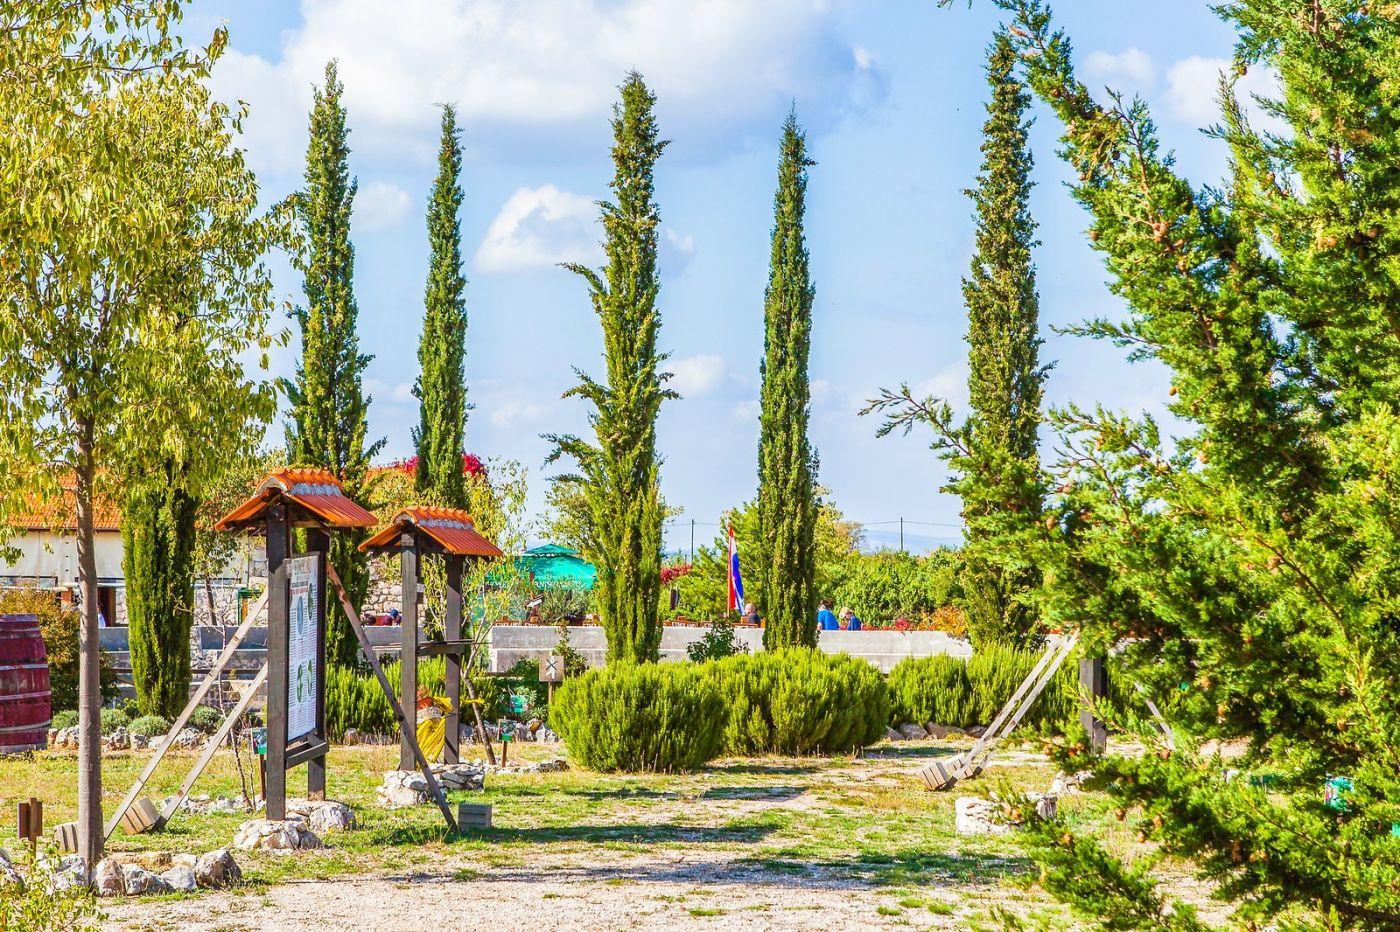 克罗地亚达尔马提亚村,独特的地域风貌_图1-29